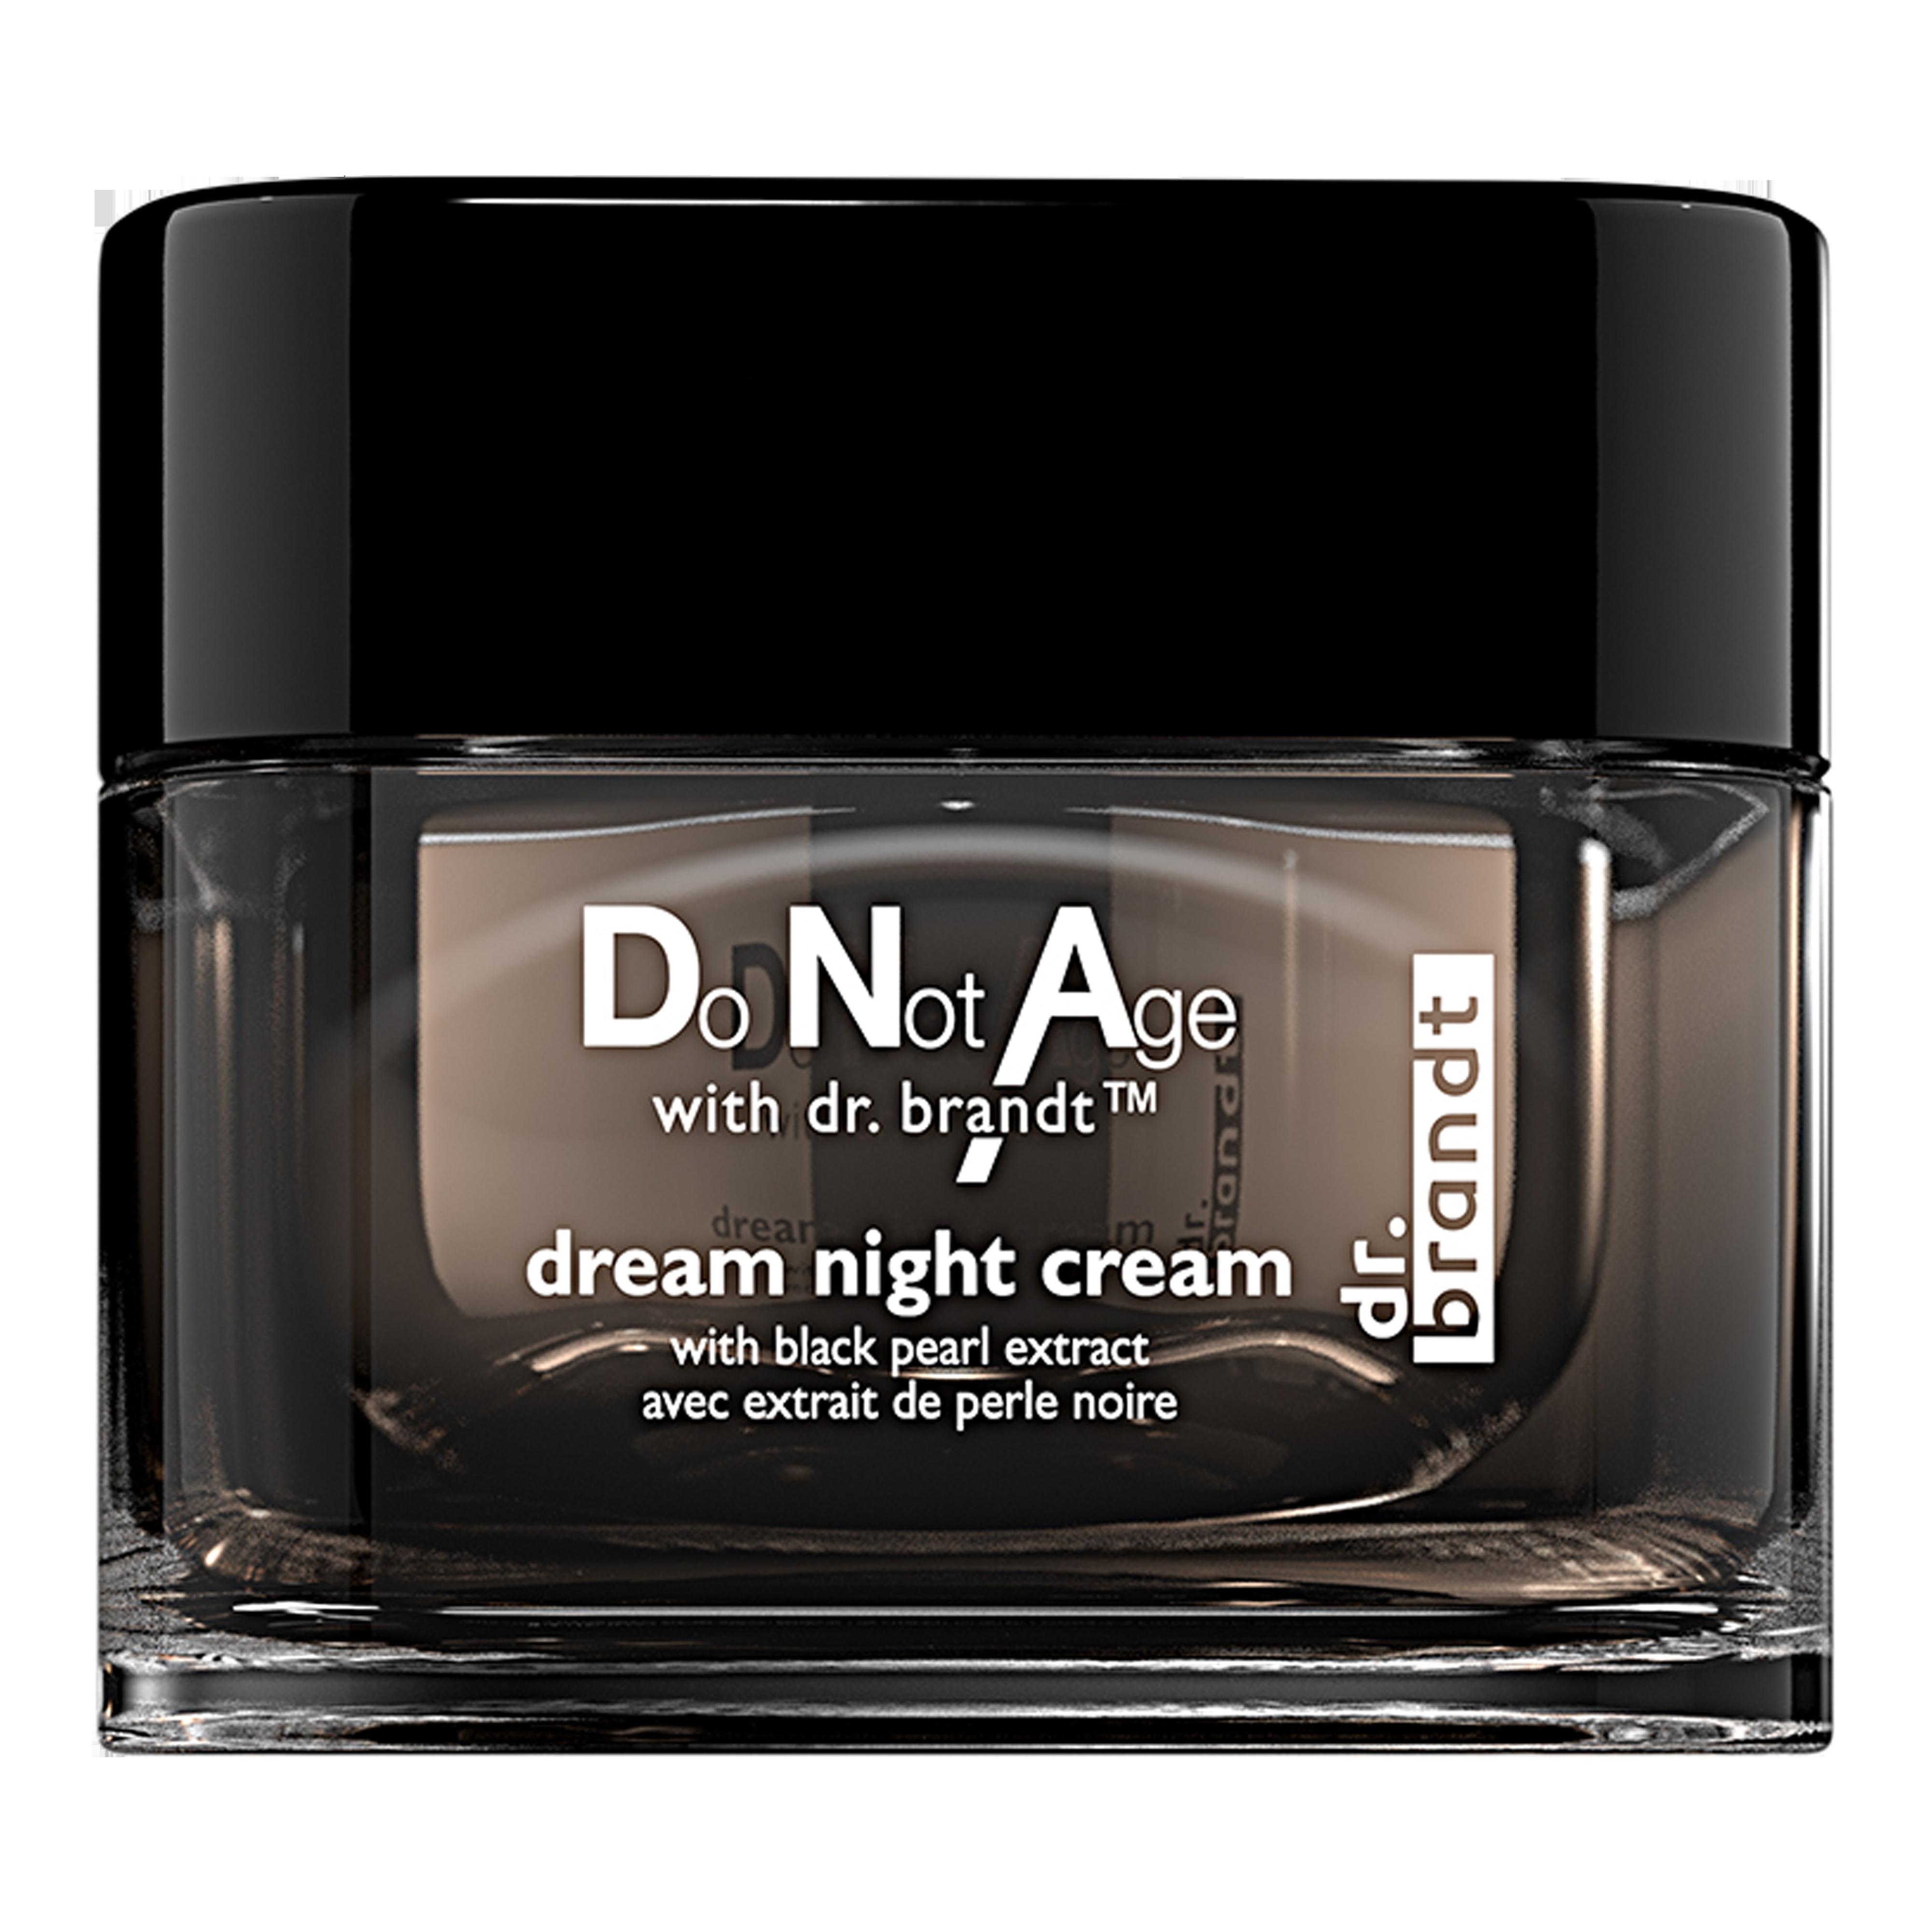 Do Not Age Dream Night Cream